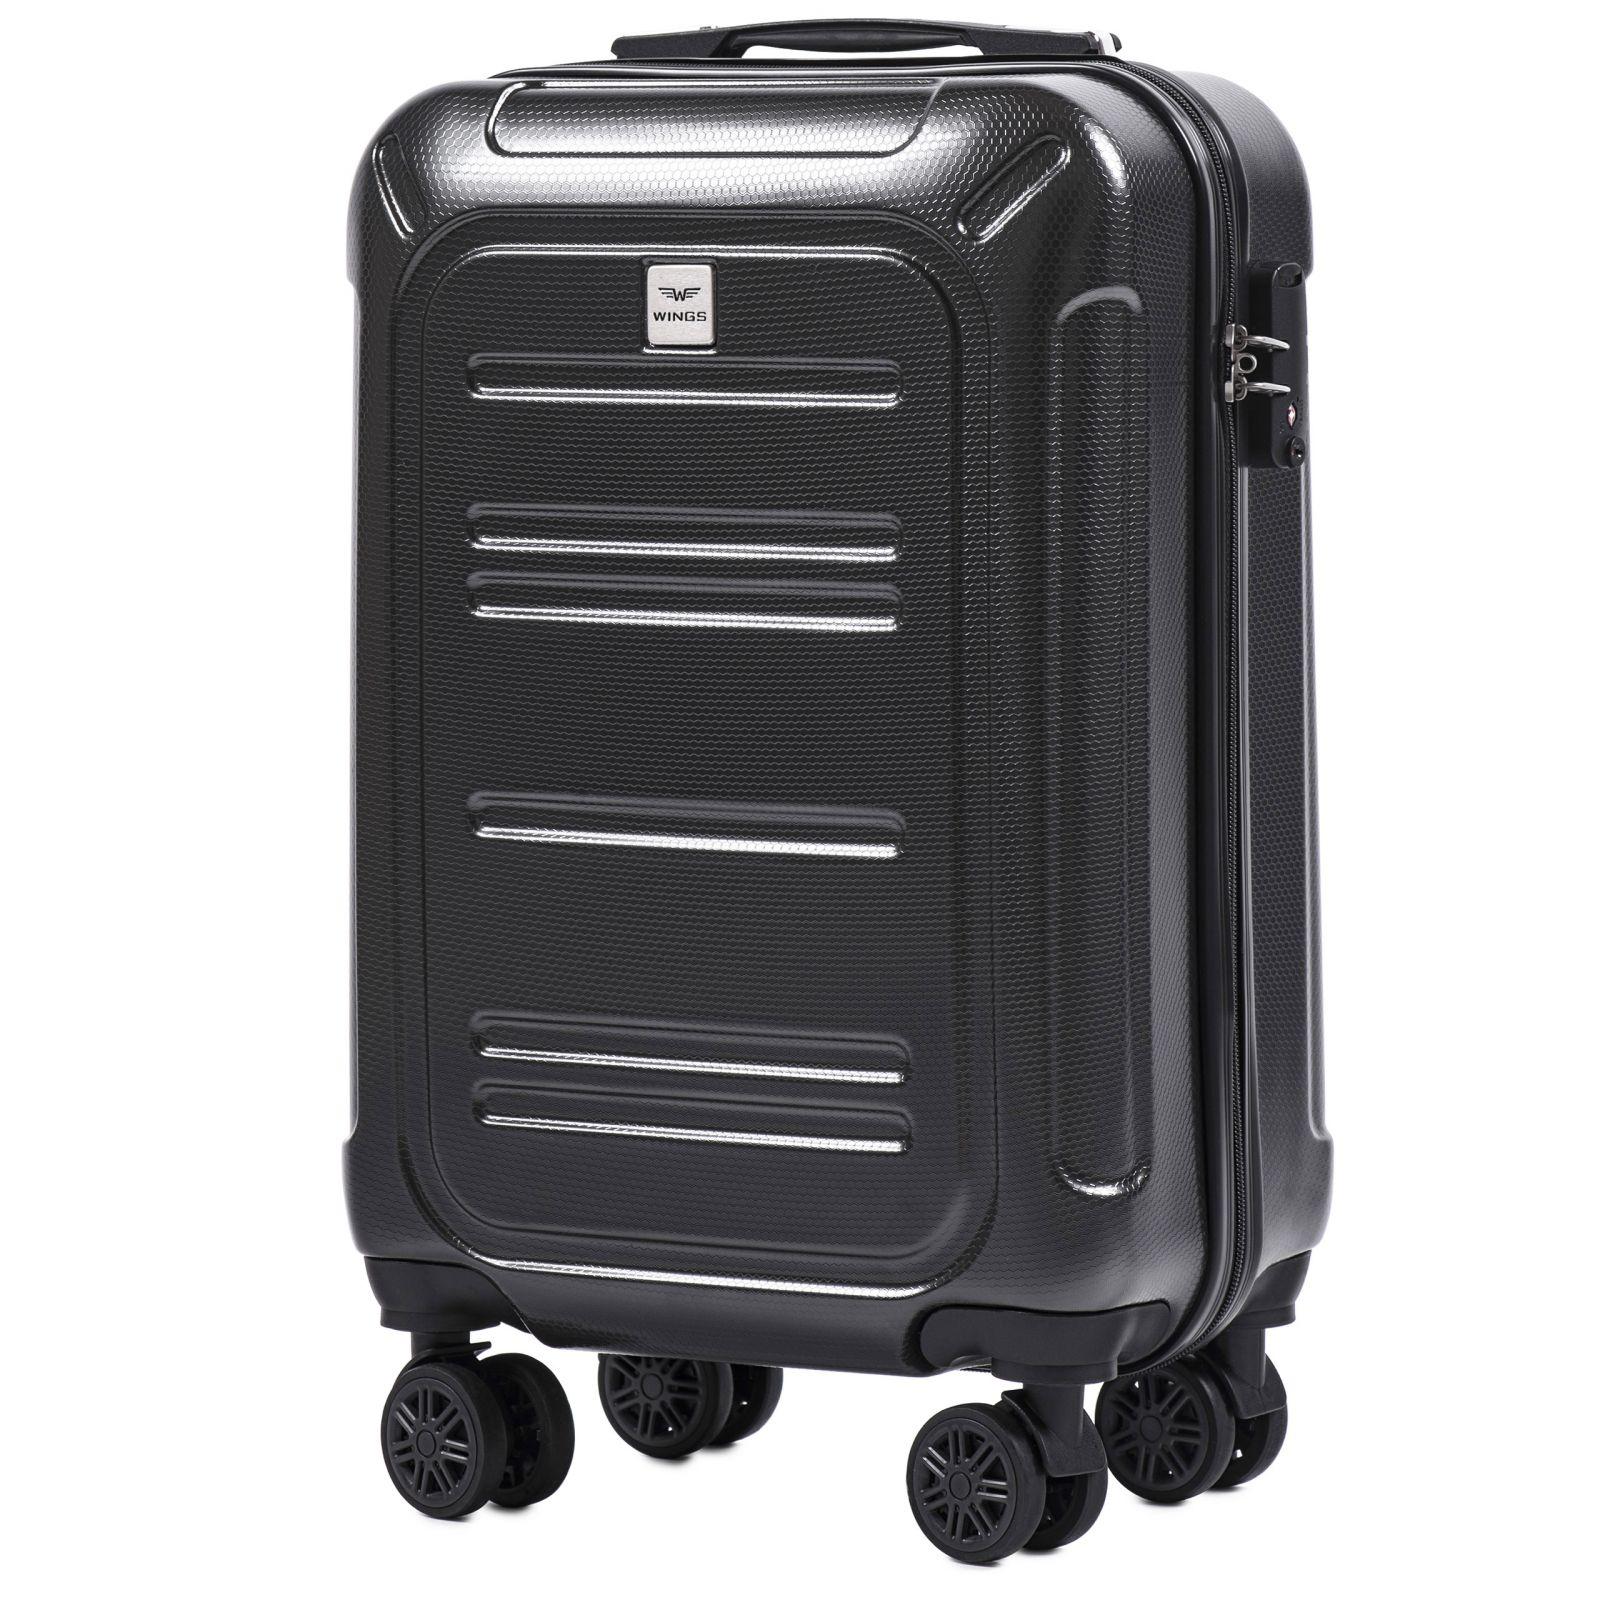 Cestovní kufr WINGS ABS POLIPROPYLEN DARK GREY malý S E-batoh